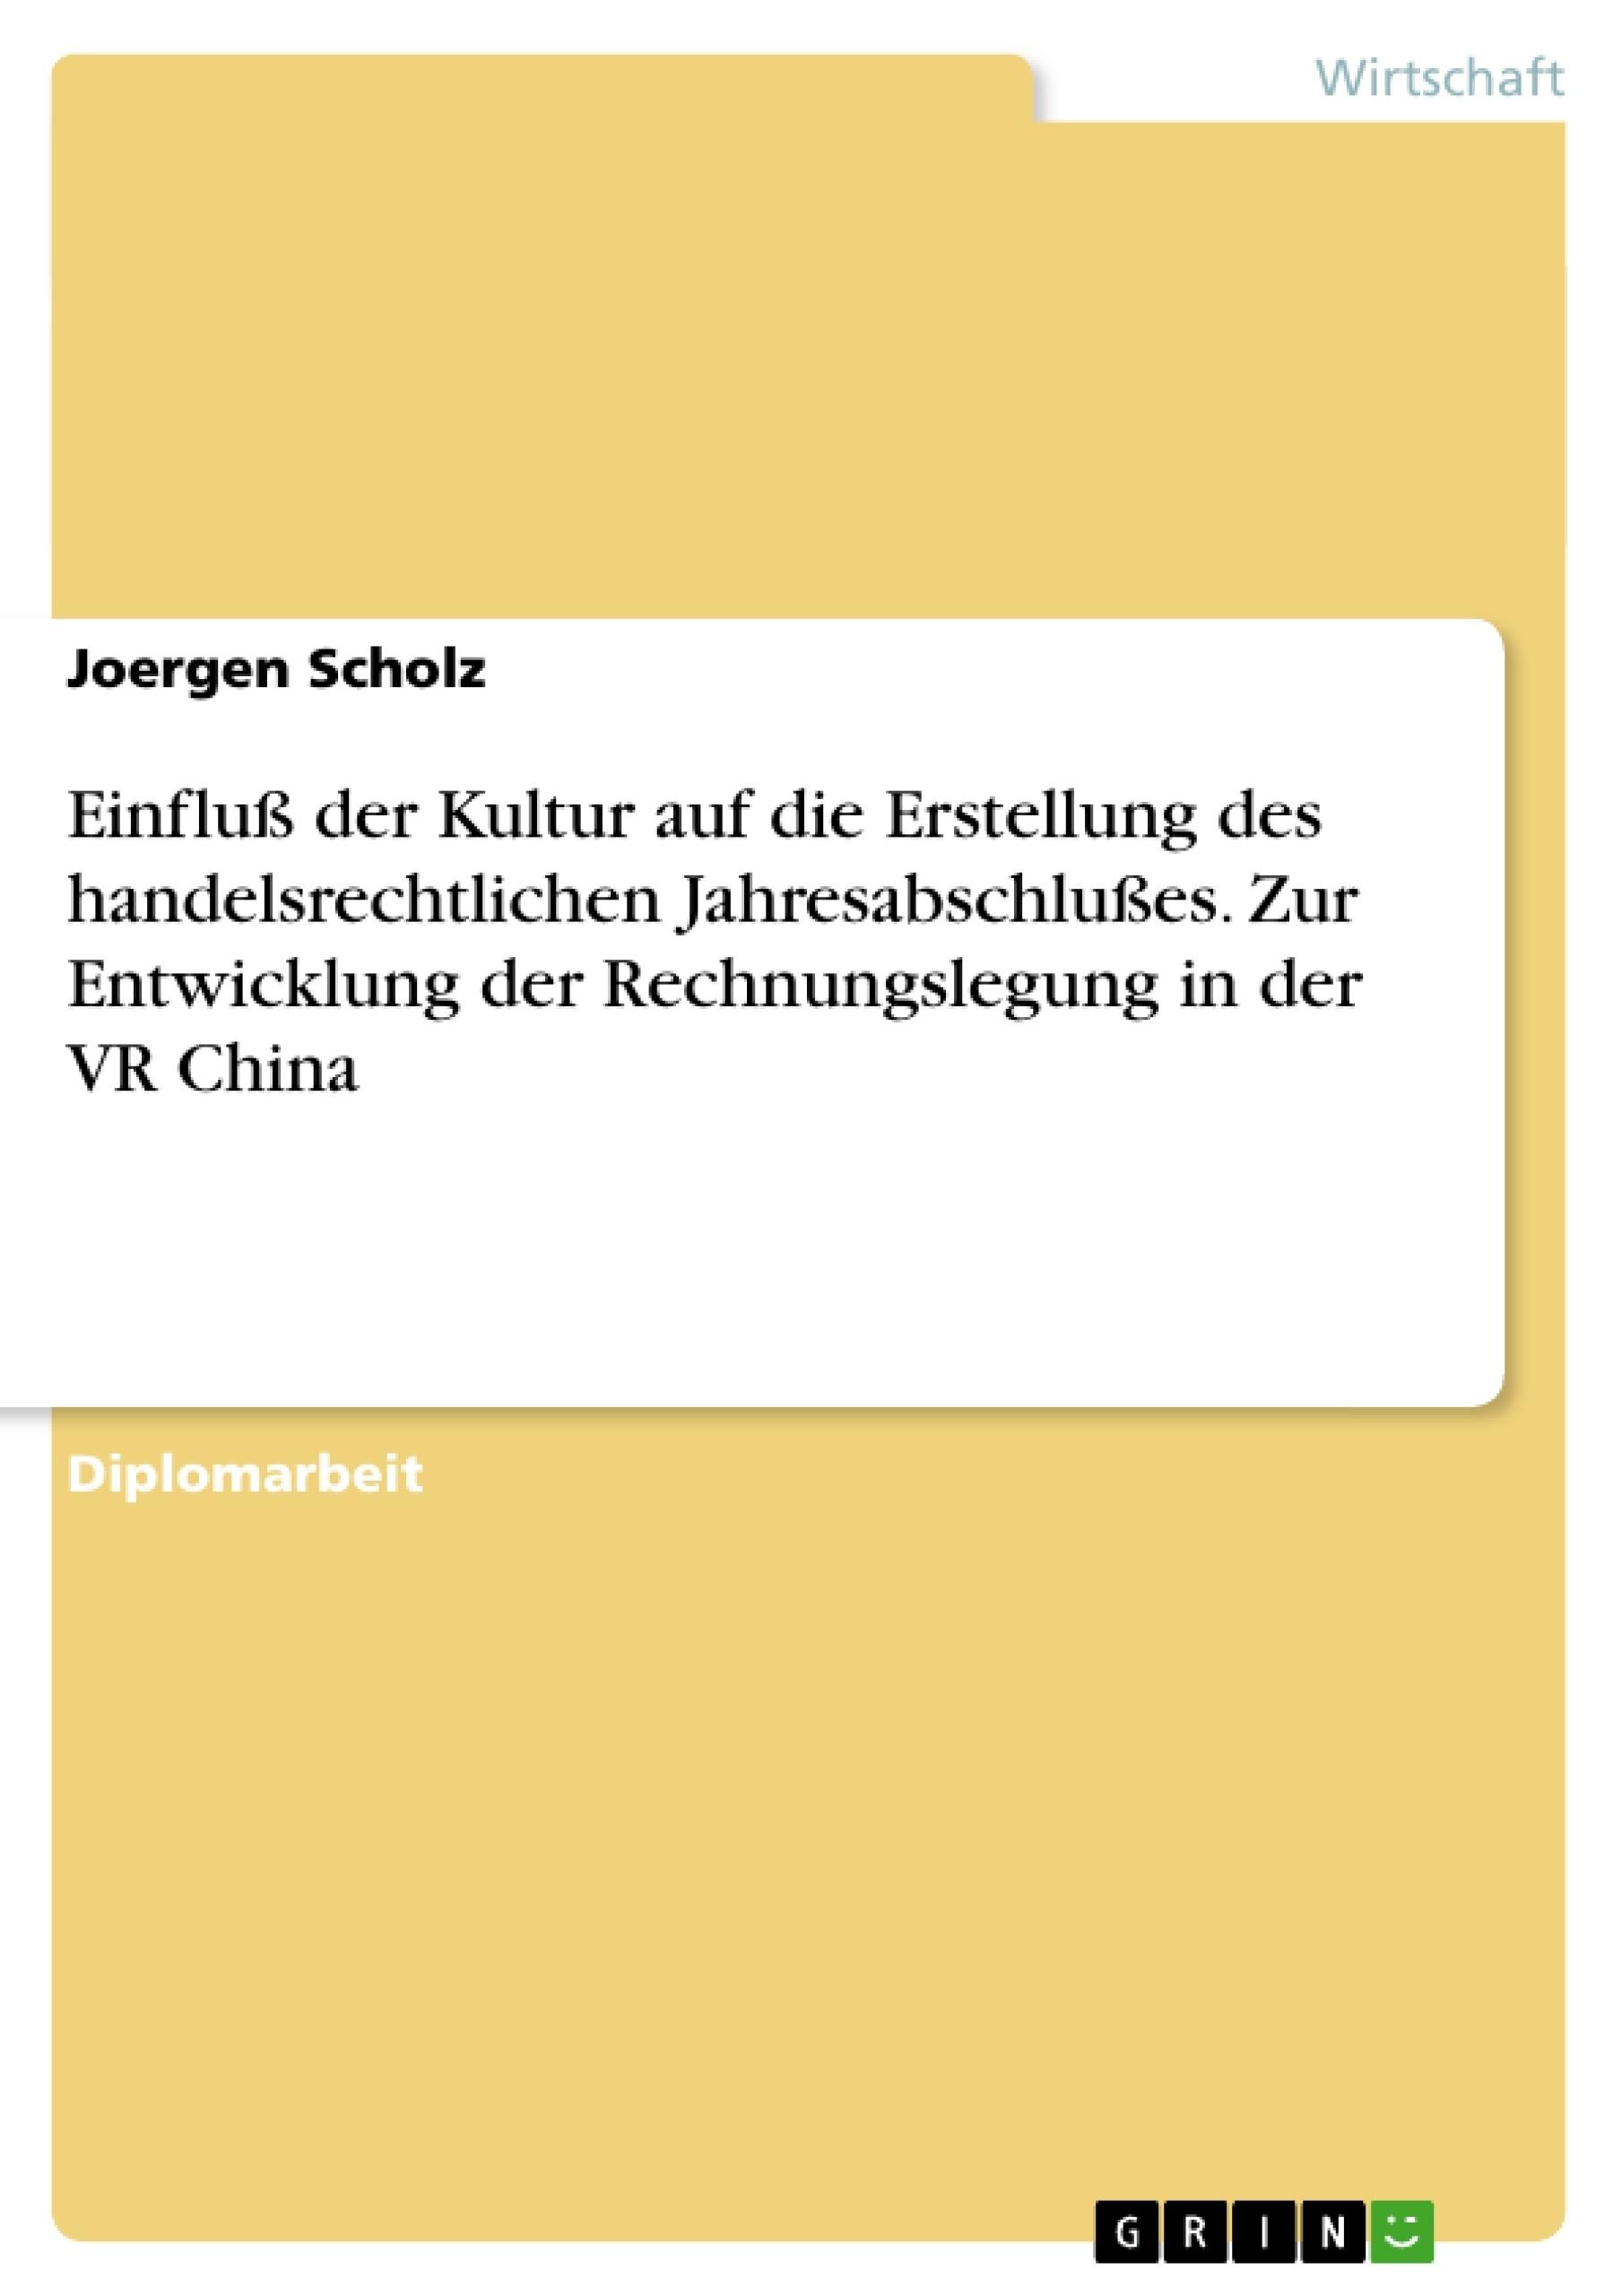 Titel: Einfluß der Kultur auf die Erstellung des handelsrechtlichen Jahresabschlußes. Zur Entwicklung der Rechnungslegung in der VR China